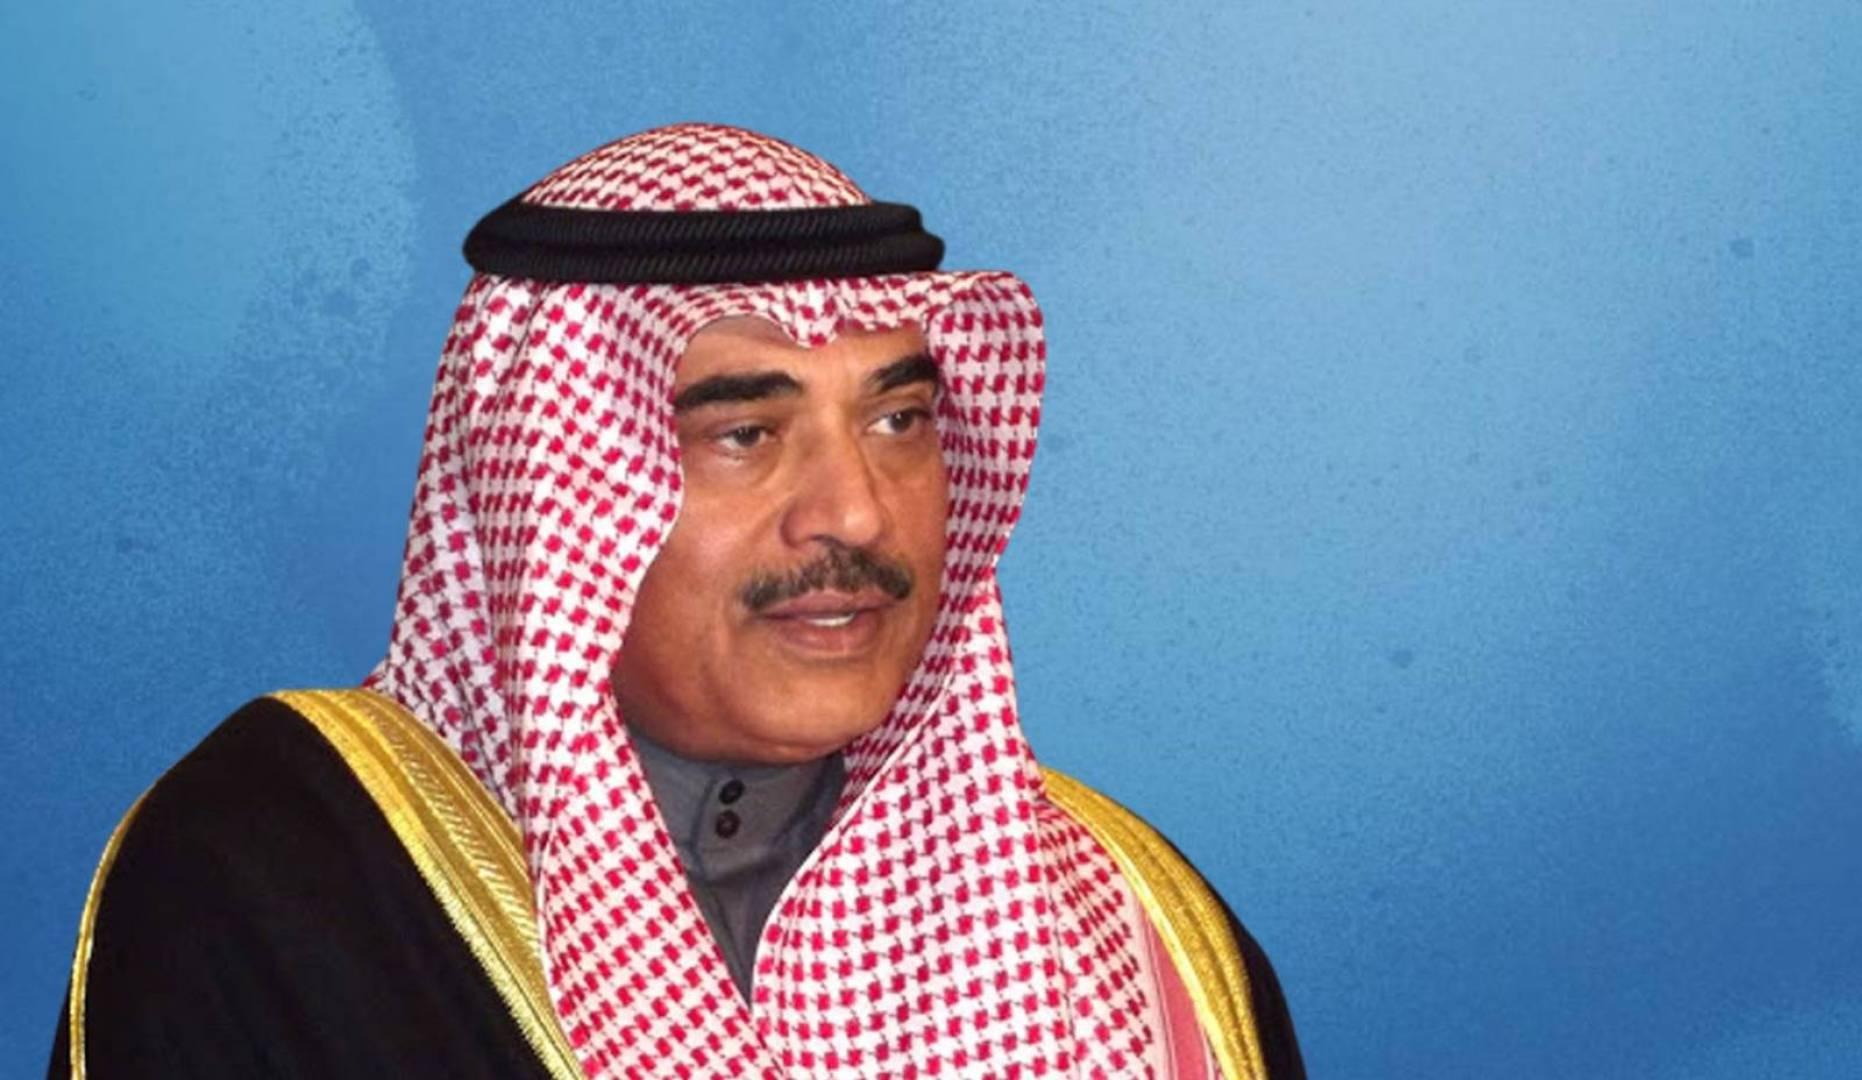 مصادر حكومية لـ«القبس»: قبول استقالة الحكومة